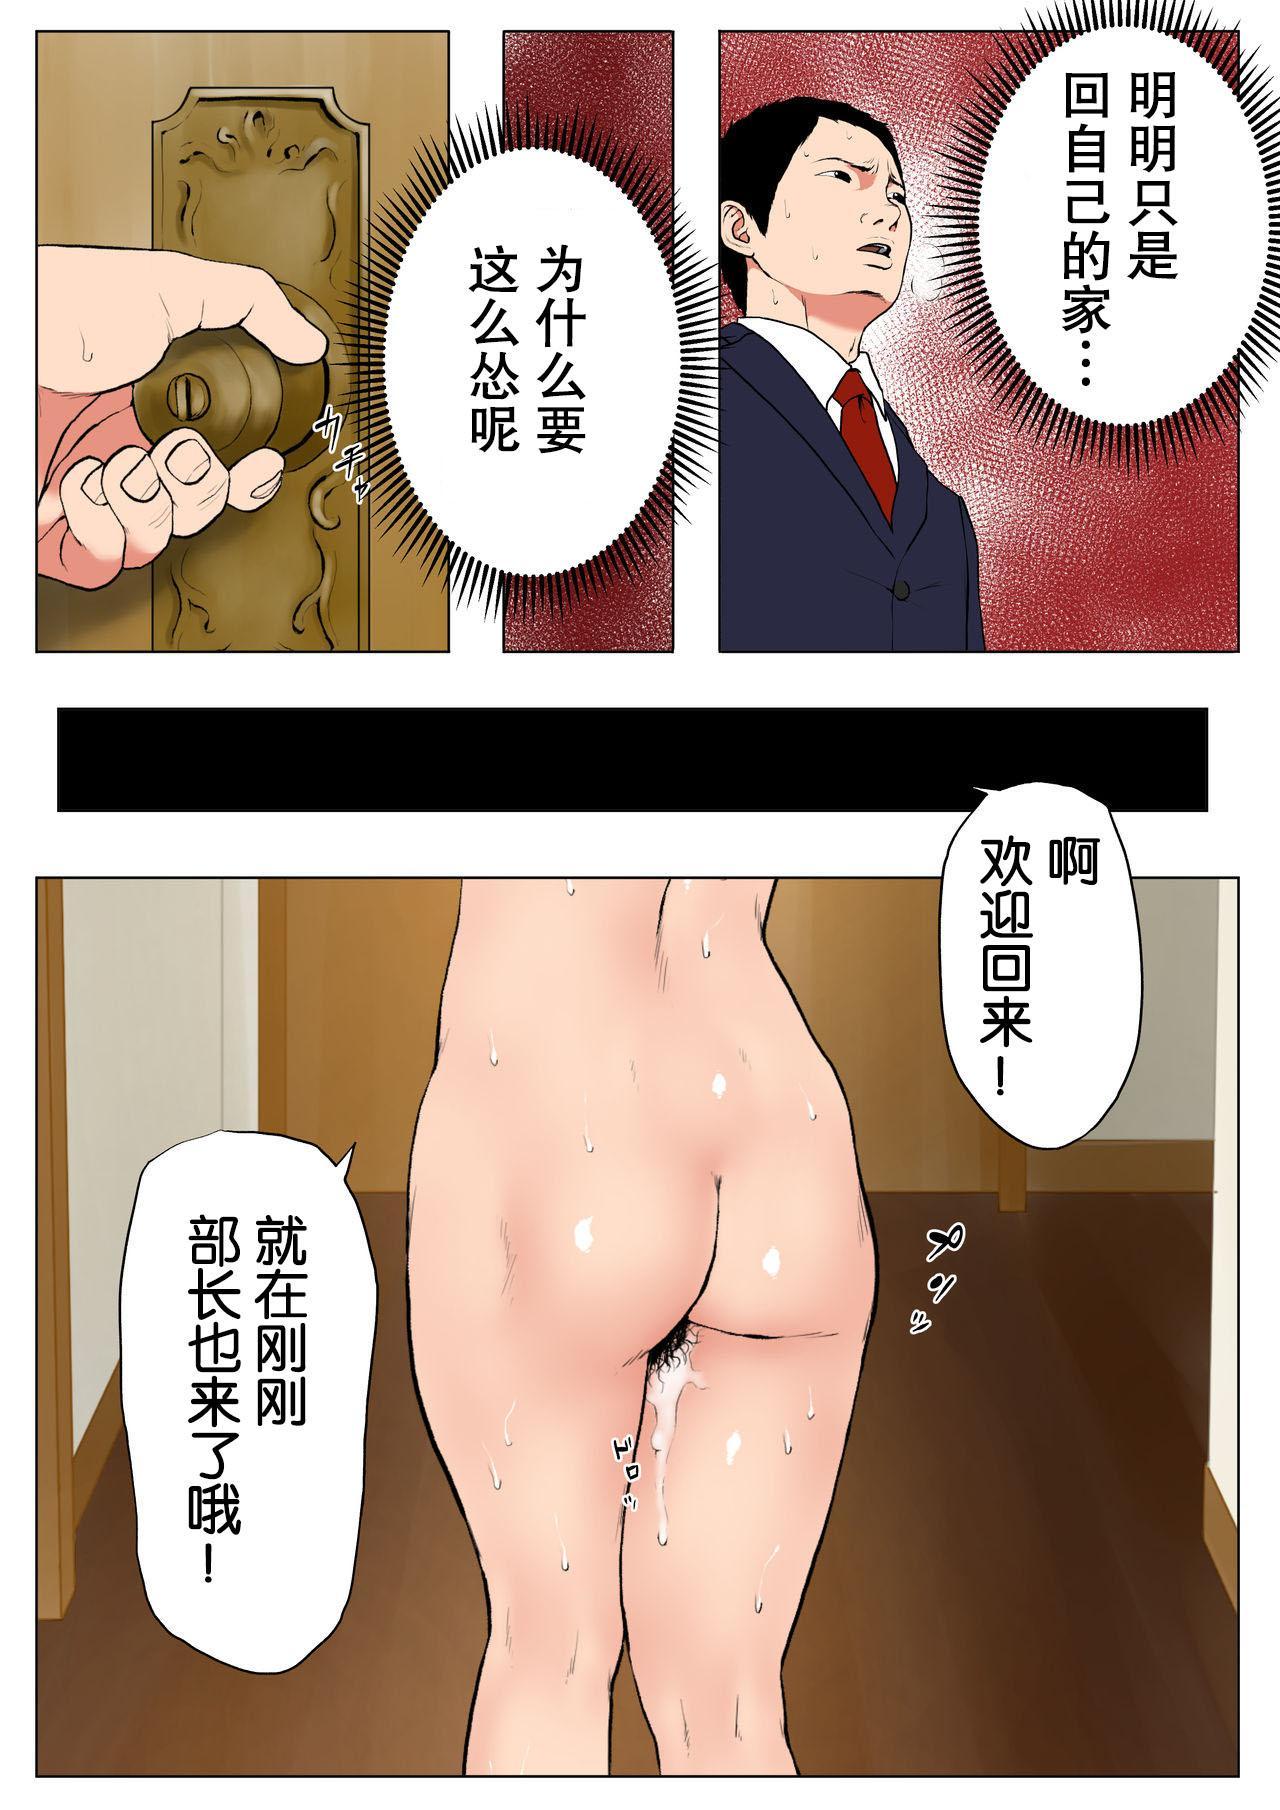 [W no Honnou] Shin, Boku no Tsuma to Kyokon no Moto AV Danyuu Buchou[Chinese]【不可视汉化】 3